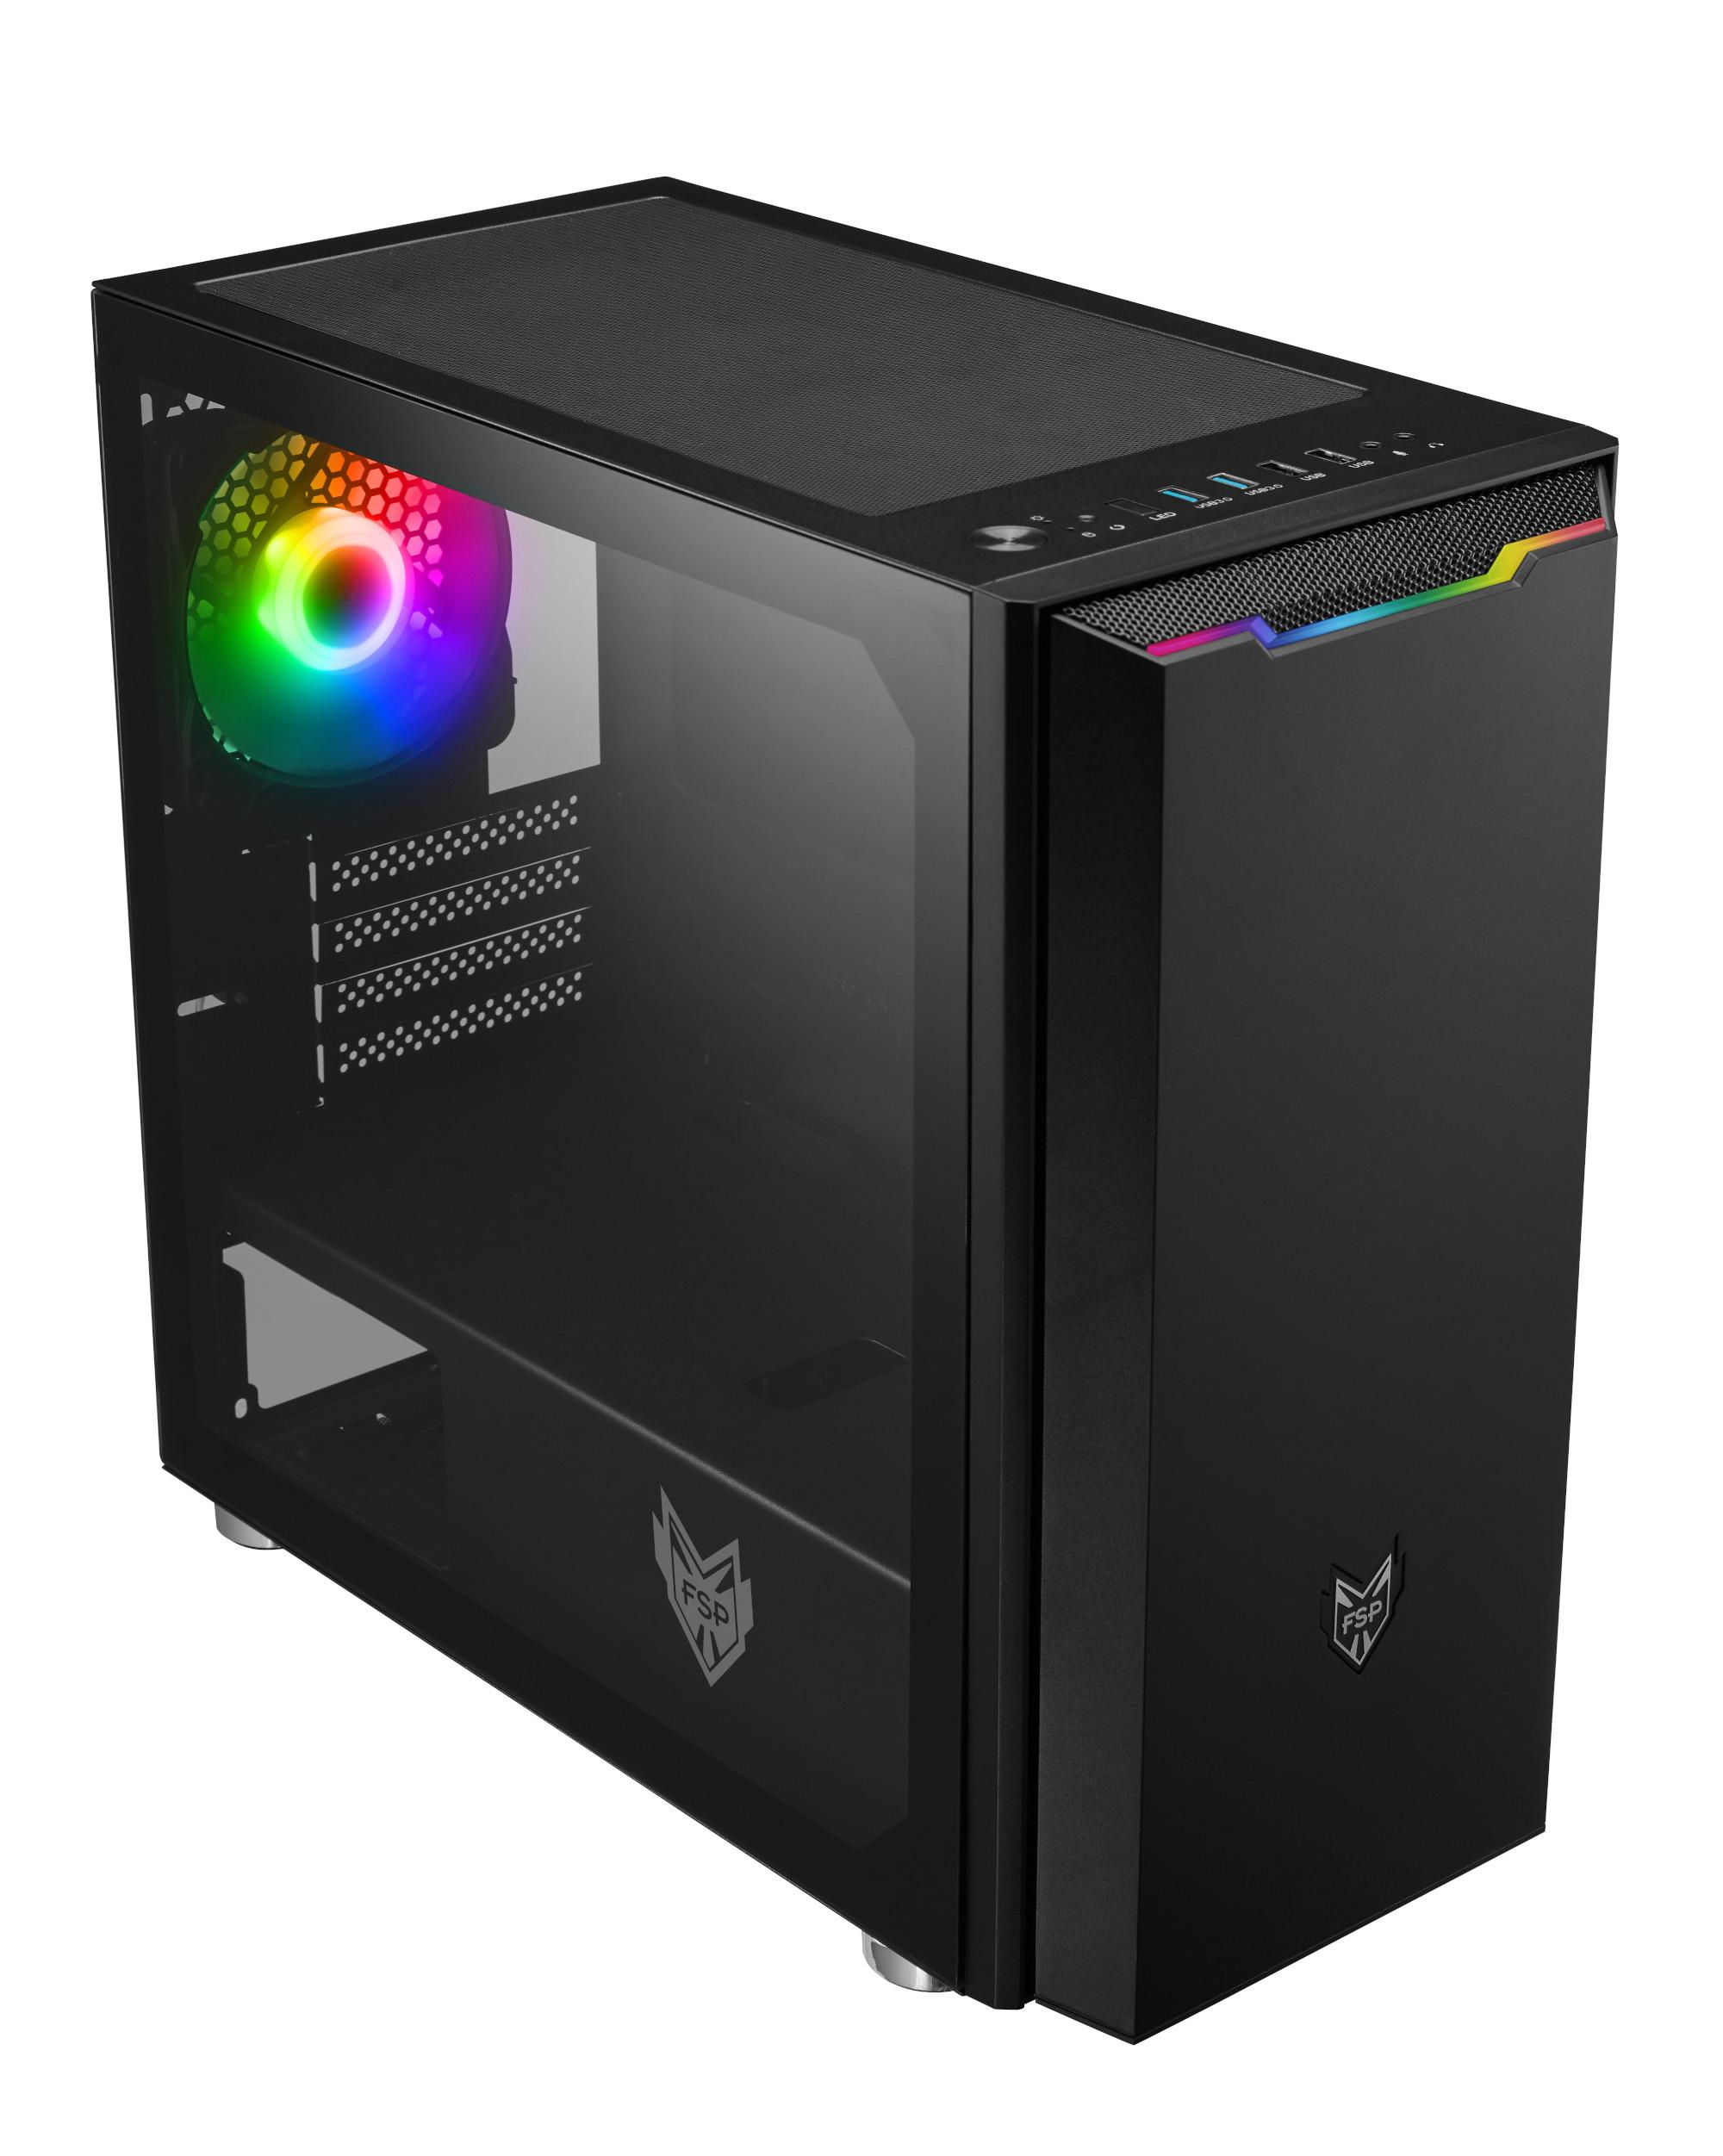 FSP/Fortron ATX Micro CST310 Black, průhledná bočnice, 1 x A. RGB LED ventilátor - POC0000069